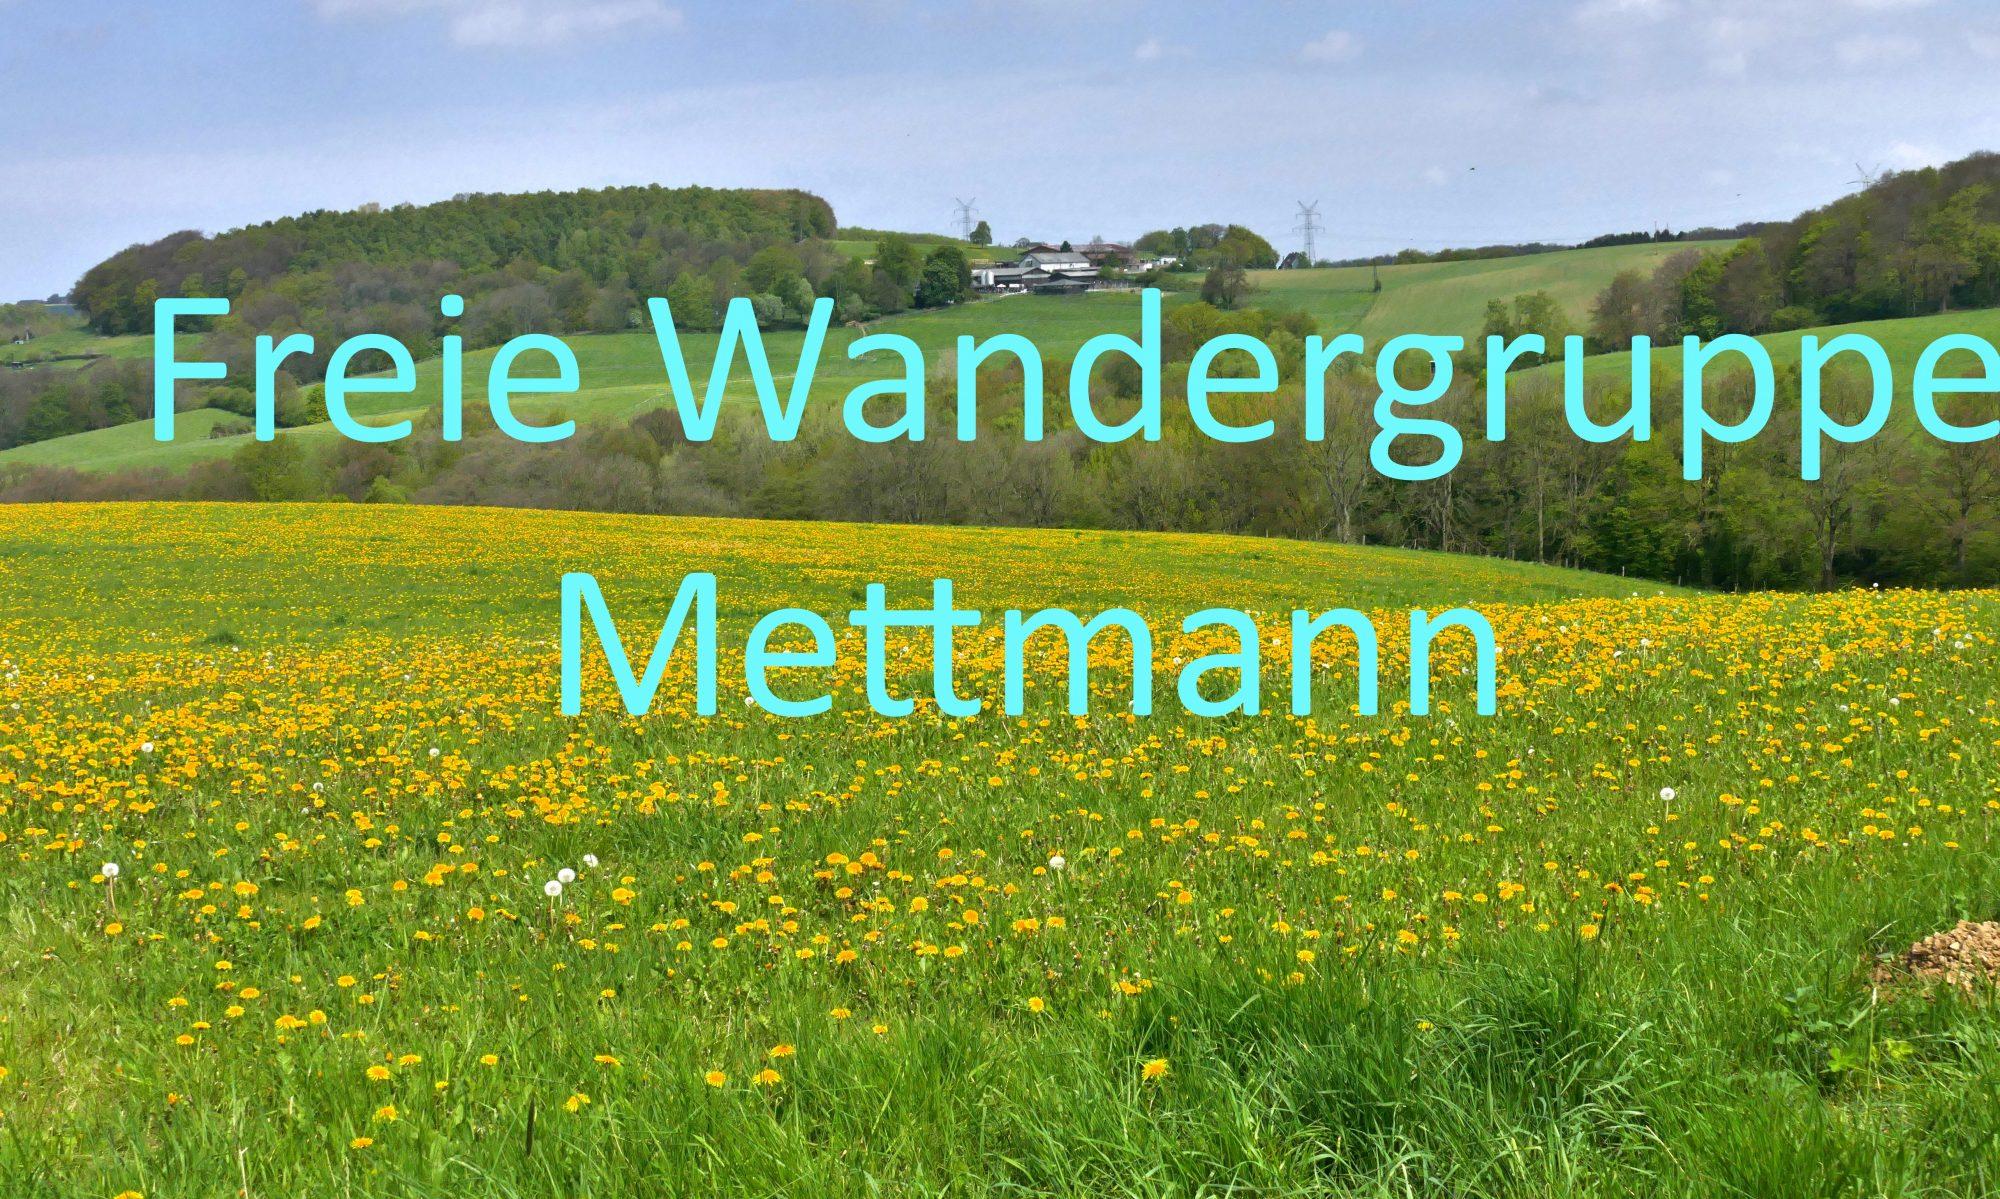 Freie Wandergruppe Mettmann